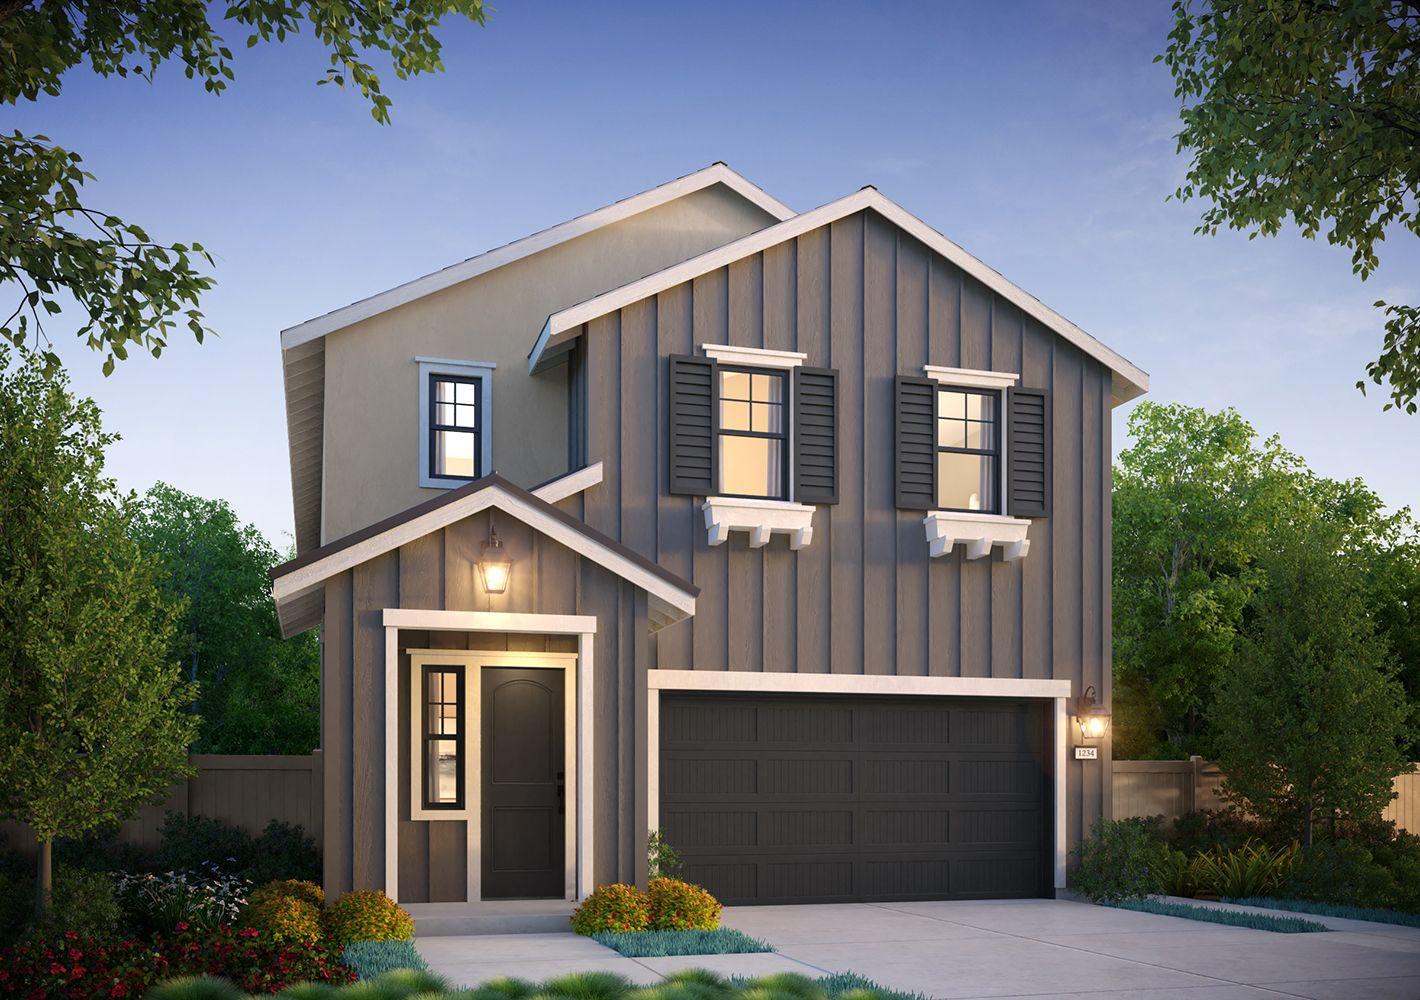 单亲家庭 为 销售 在 Sterling At Esencia - Plan 2 113 Topaz Street Rancho Mission Viejo, California 92694 United States